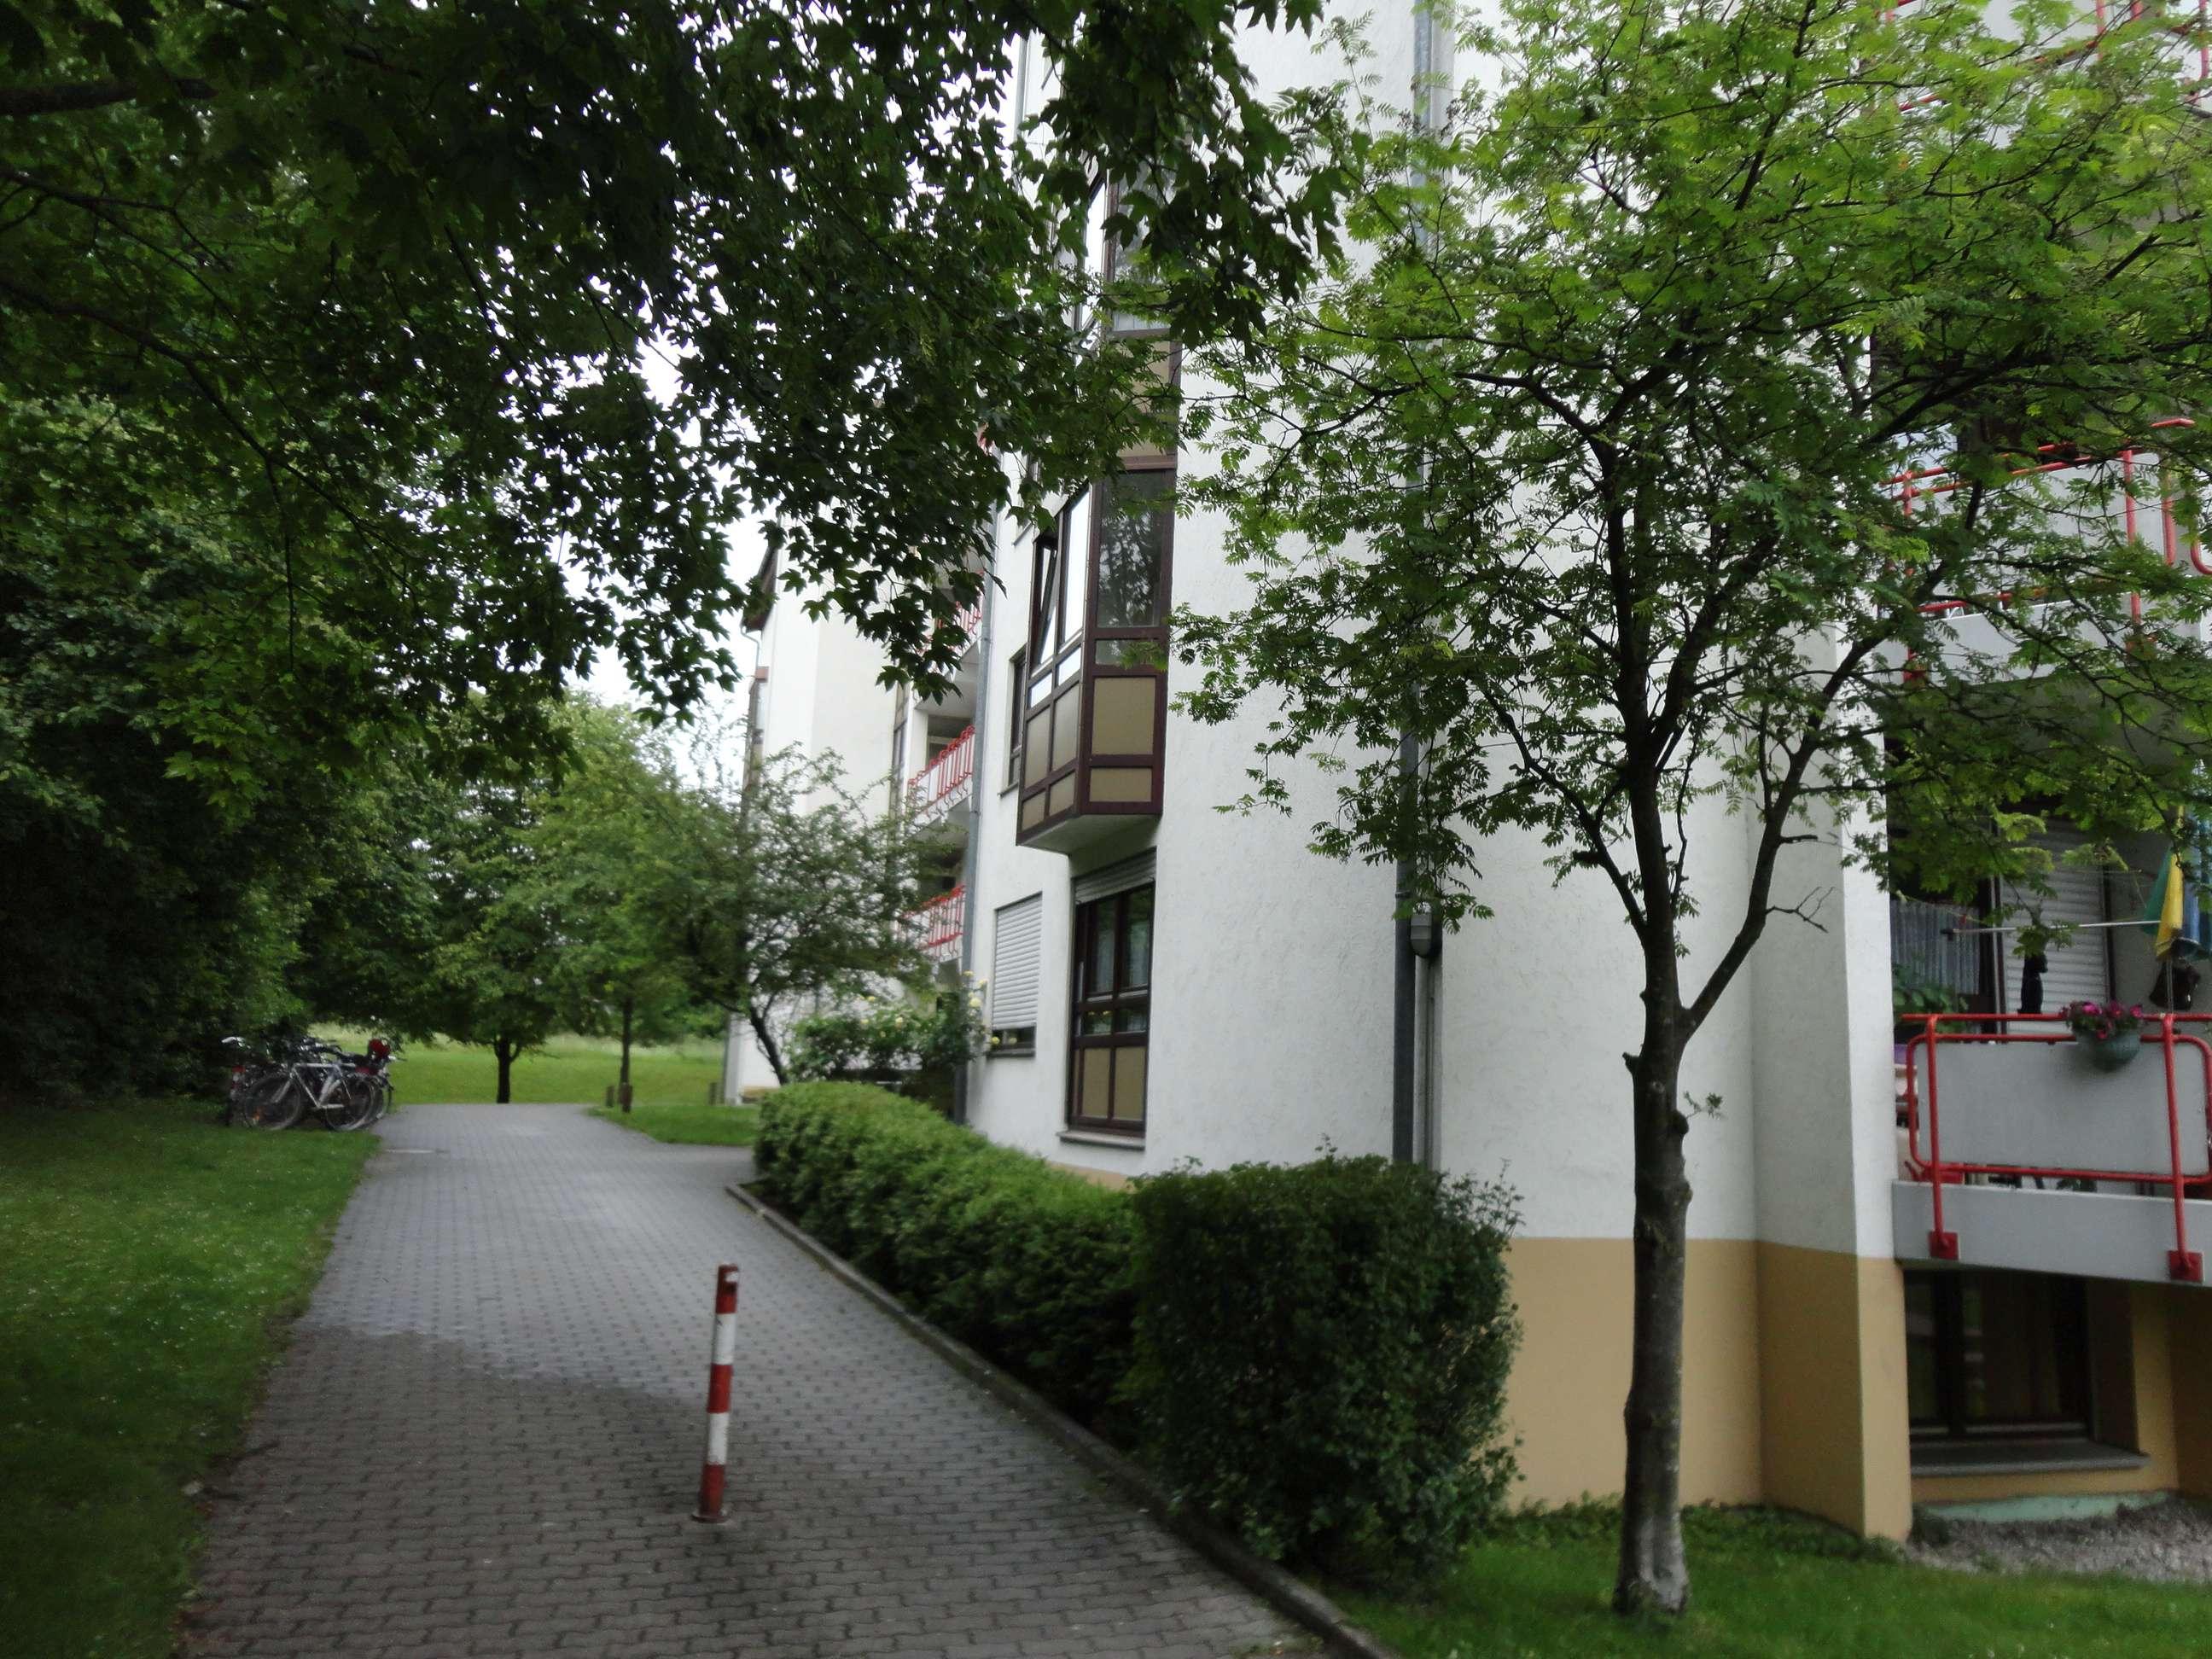 Stilvolle, vollständig renovierte 1-Zimmer-Wohnung mit Balkon und EBK in Allach, München